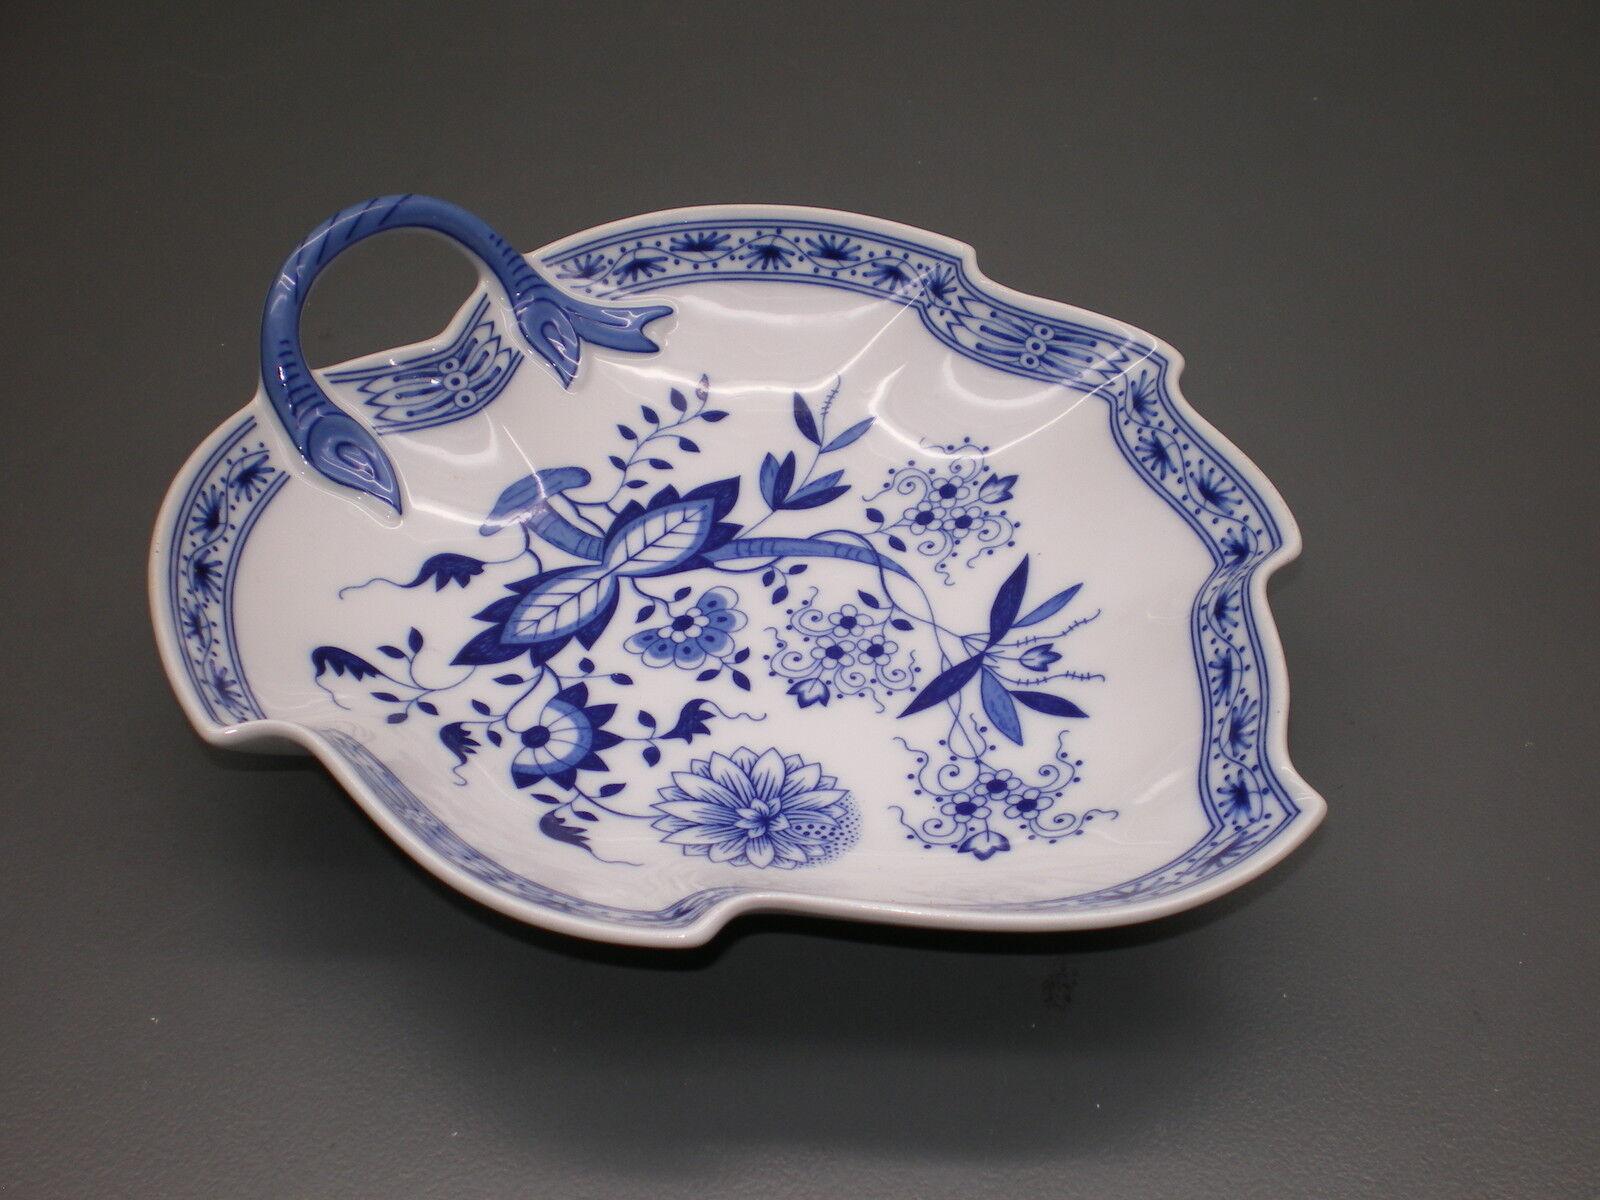 Hutschenreuther Blattschale - Maria Theresia - Zwiebelmuster Zwiebelmuster Zwiebelmuster - 21,5 cm | Sonderpreis  340ff8